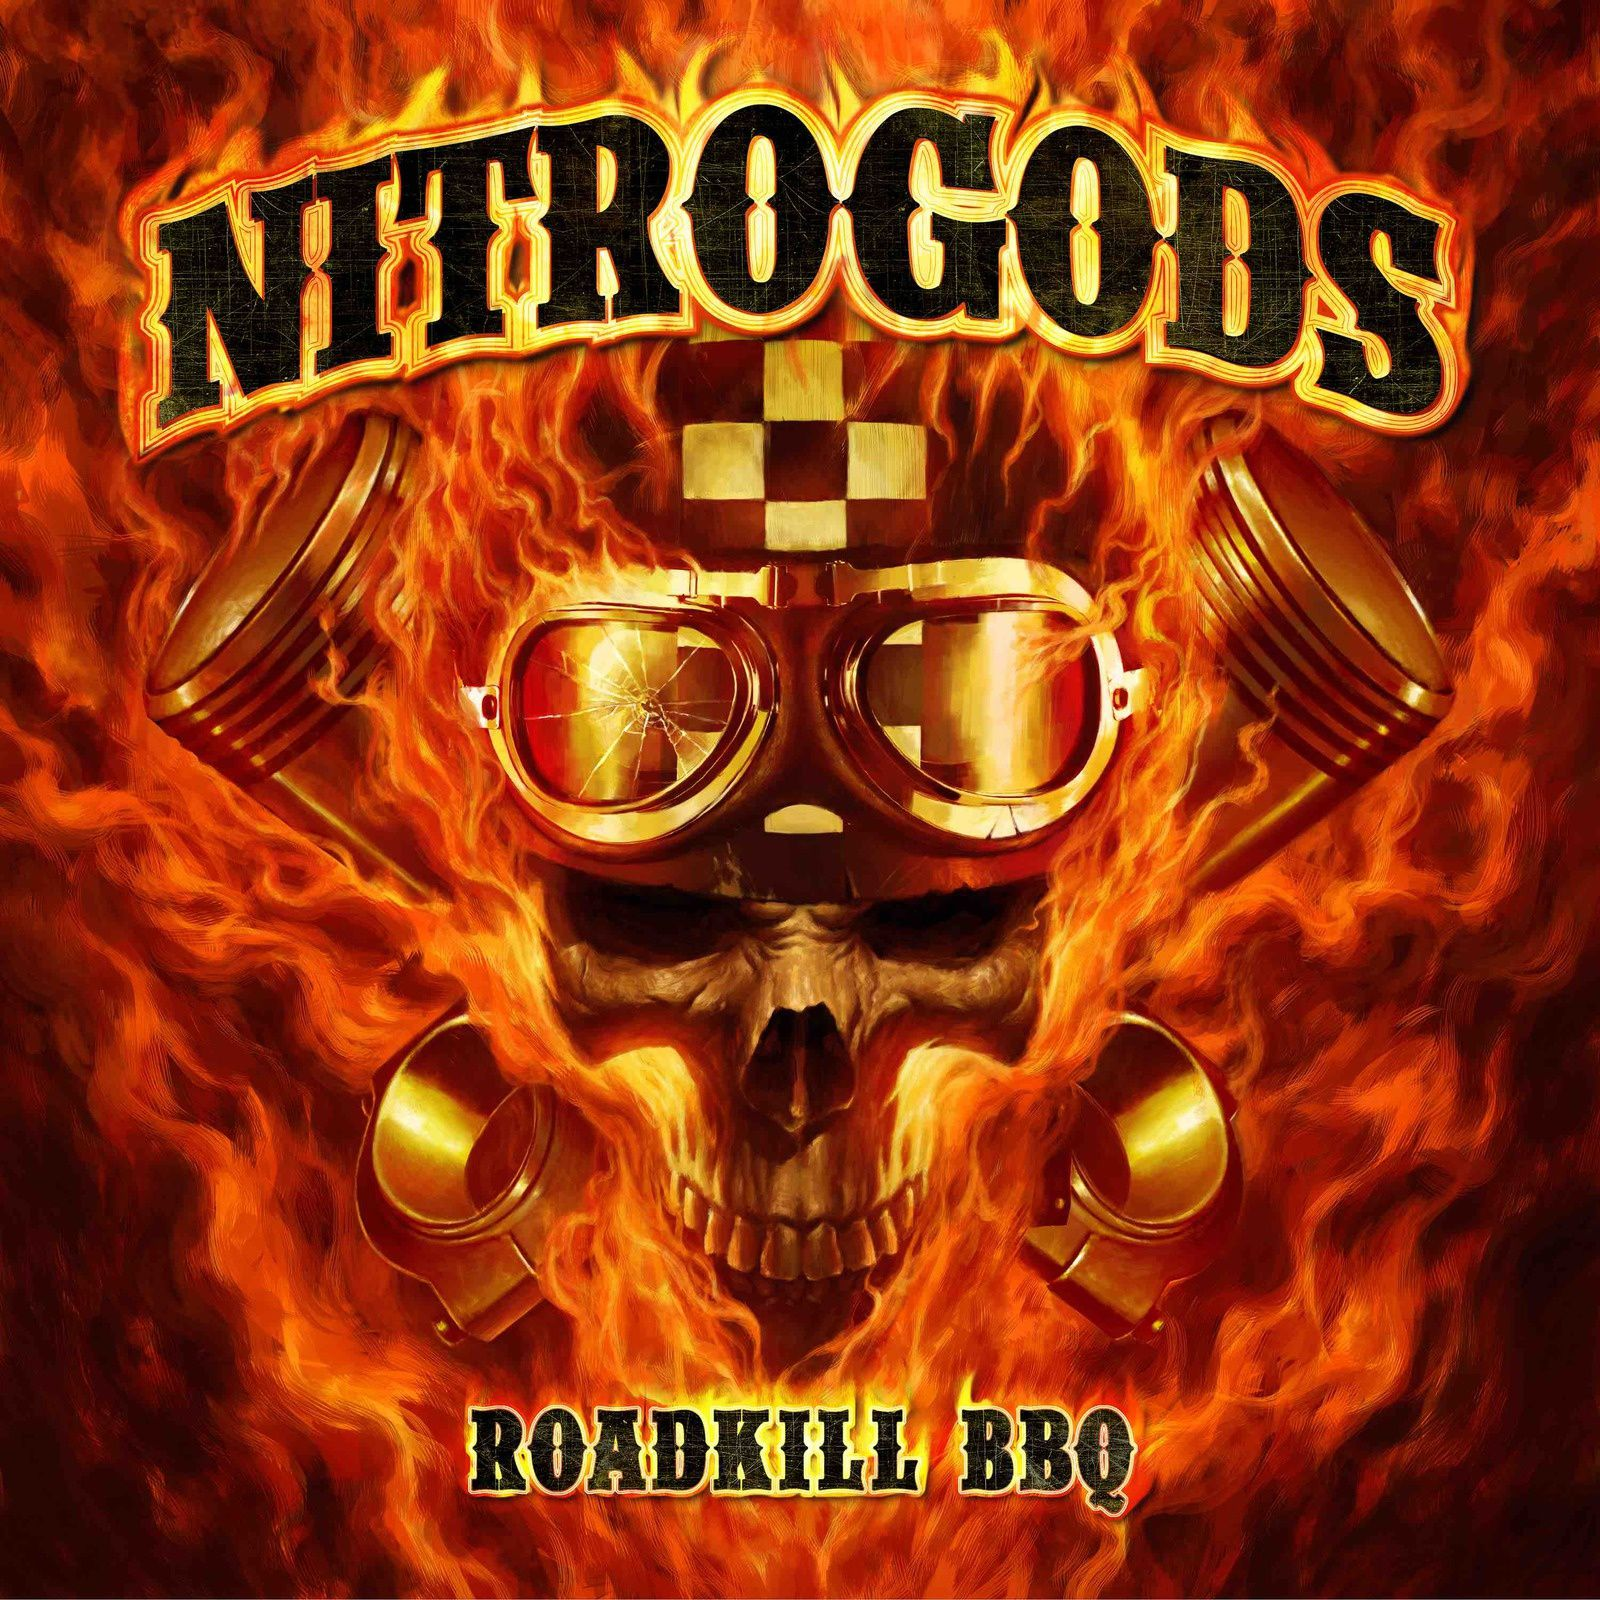 CD review NITROGODS &quot&#x3B;Roadkill BBQ&quot&#x3B;